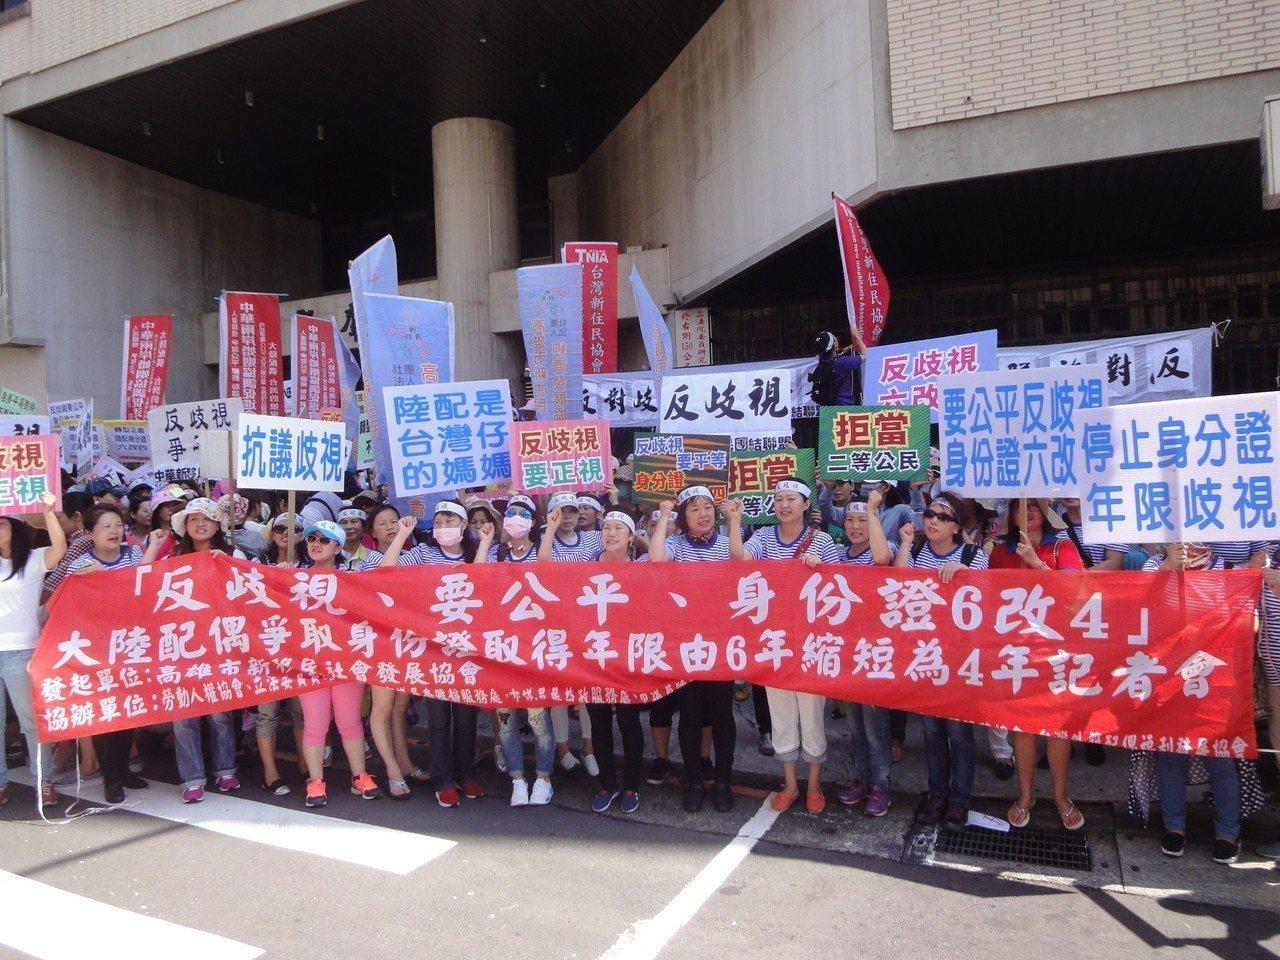 陸配團體2年前曾因身分證歧視問題到立法院抗議,爭取權益。記者陳妍霖/翻攝